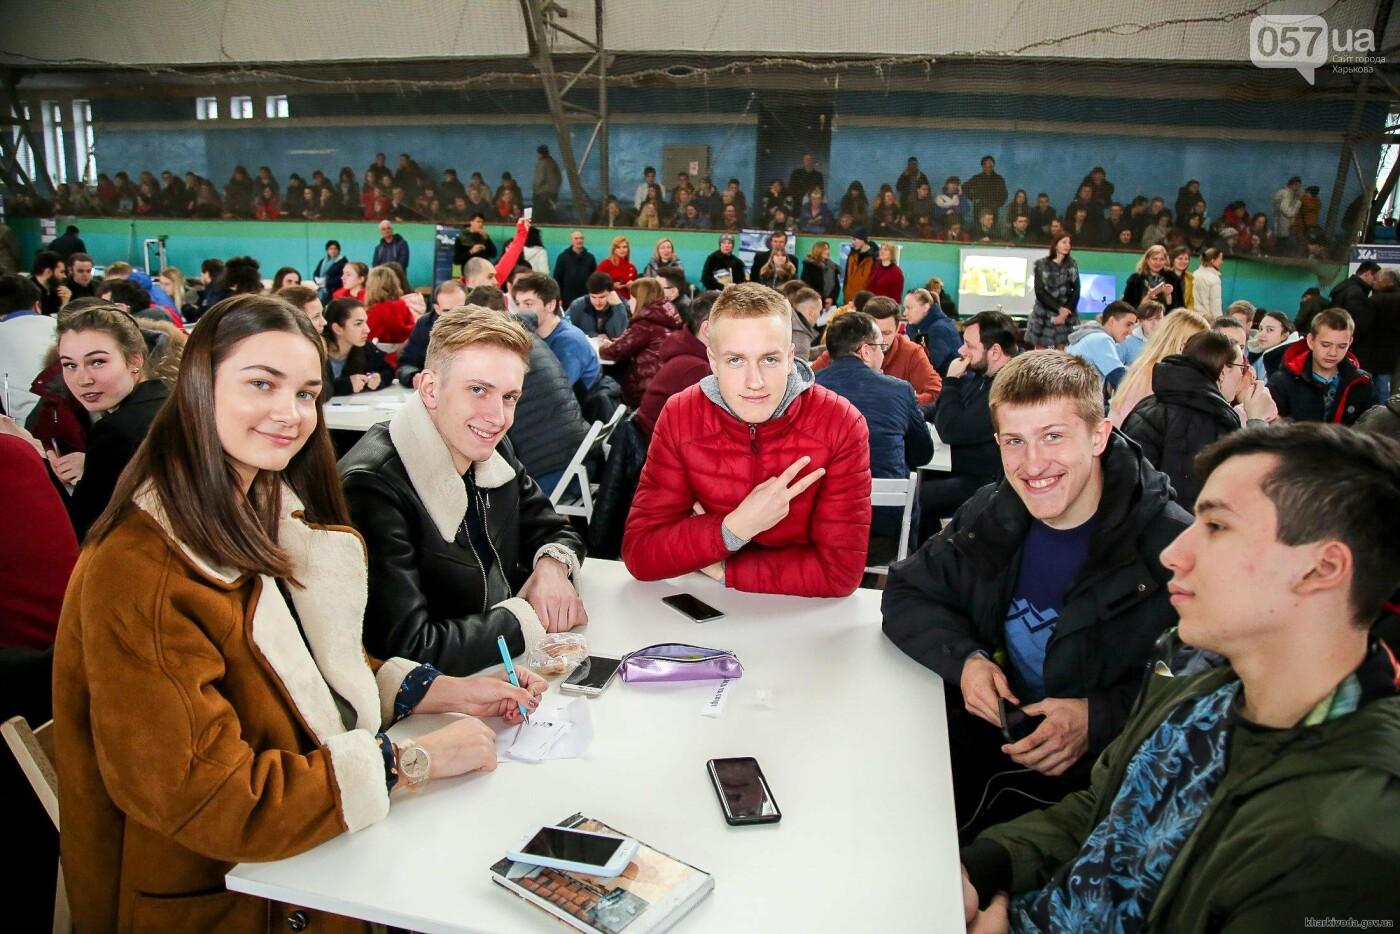 В Харьковской области установили интеллектуальный рекорд Украины, фото-1